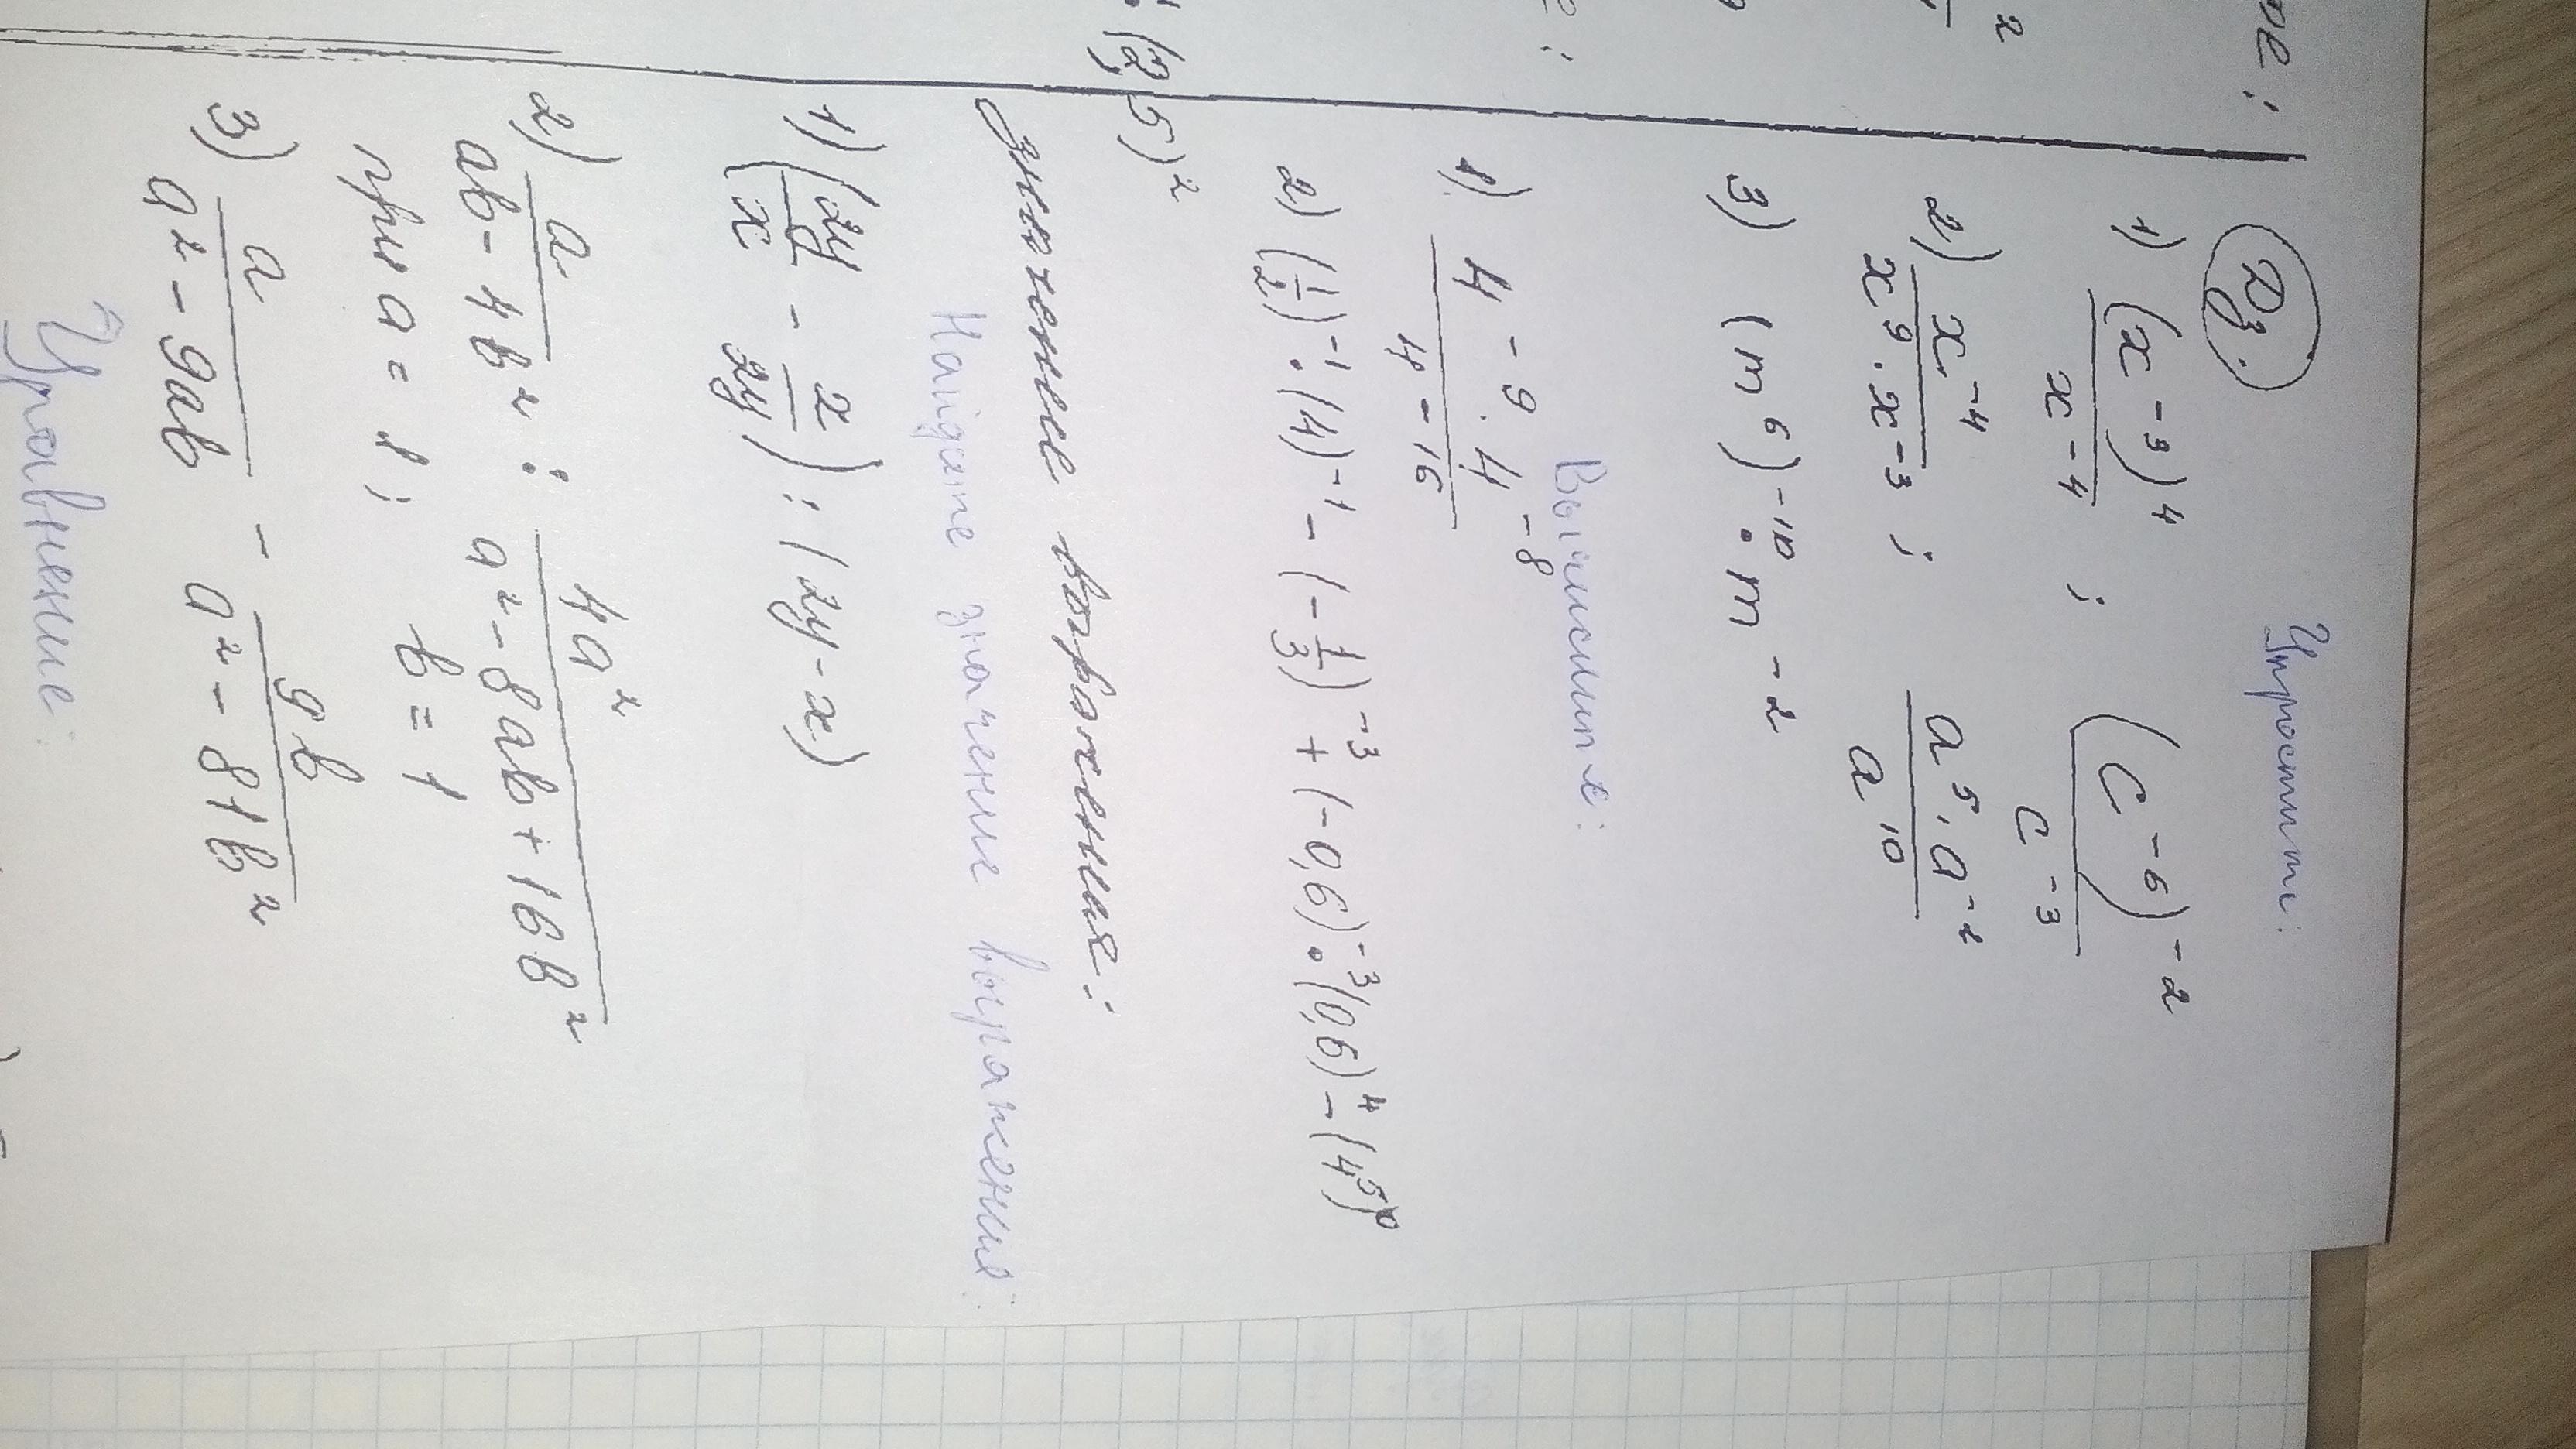 Ребят, помогите пожалуйста решить алгебру?